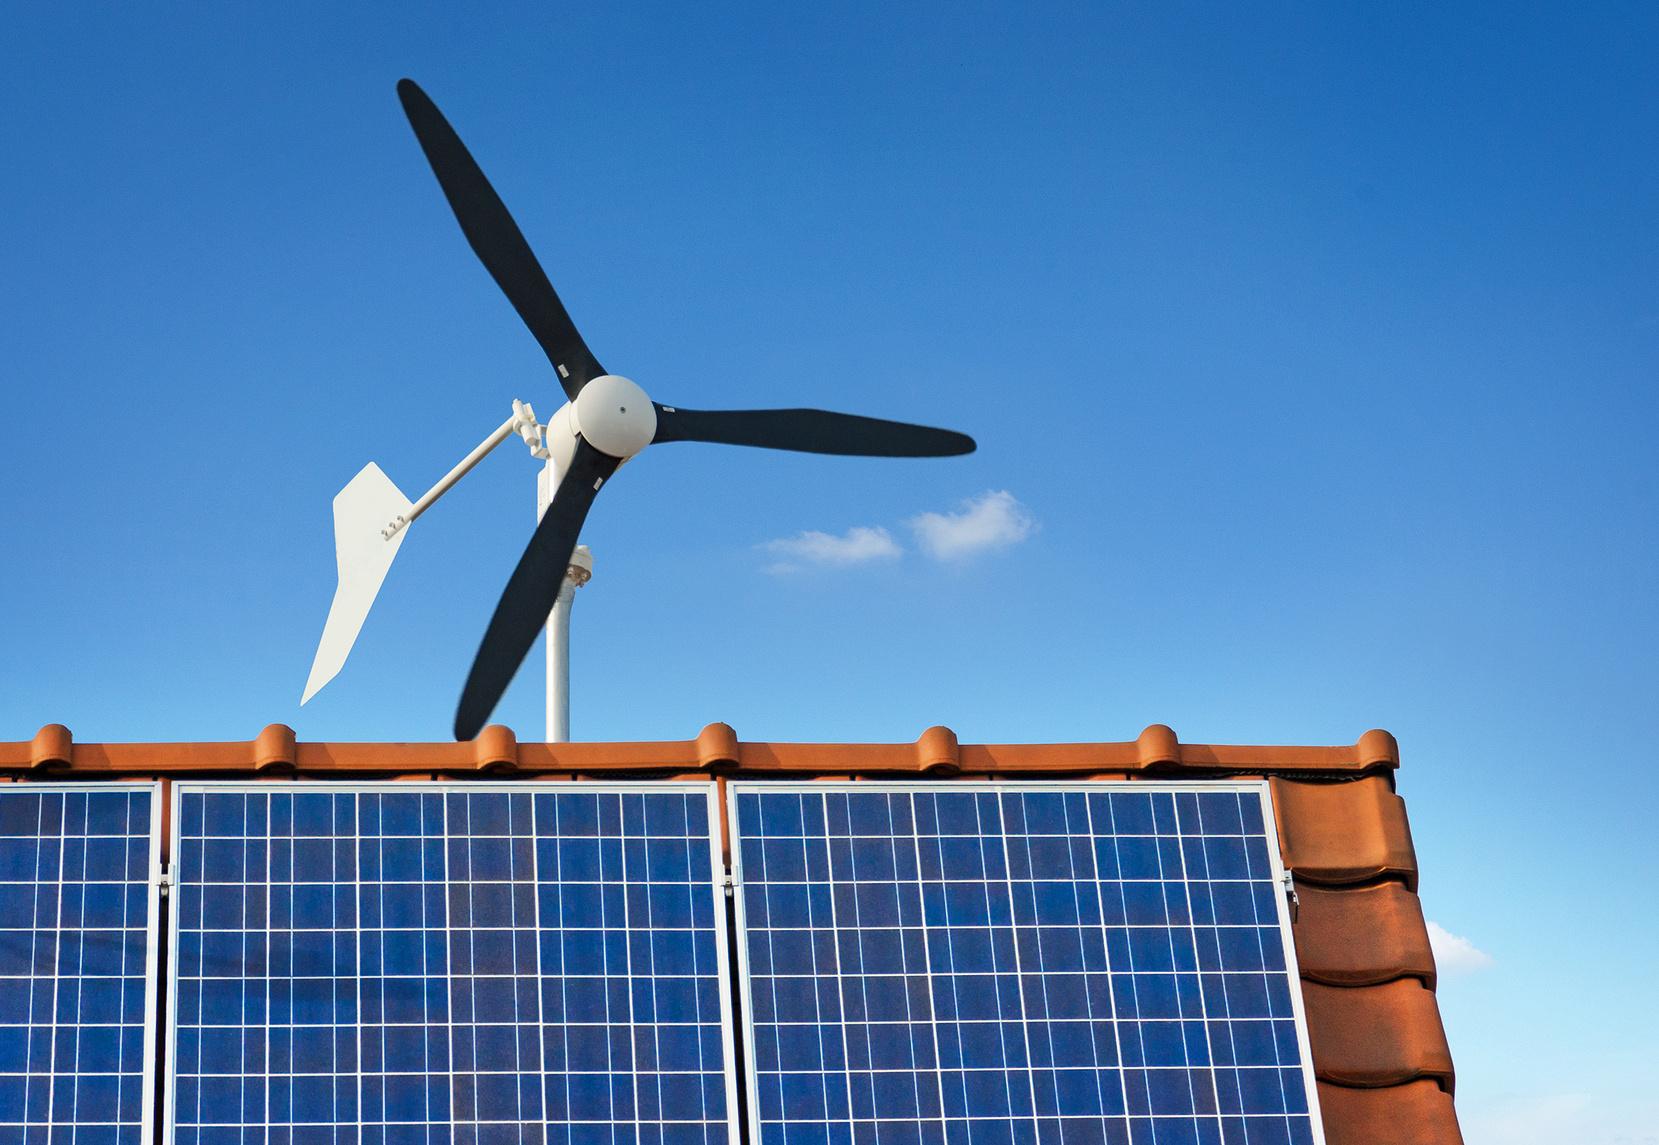 Éolienne sur le toit d'une maison